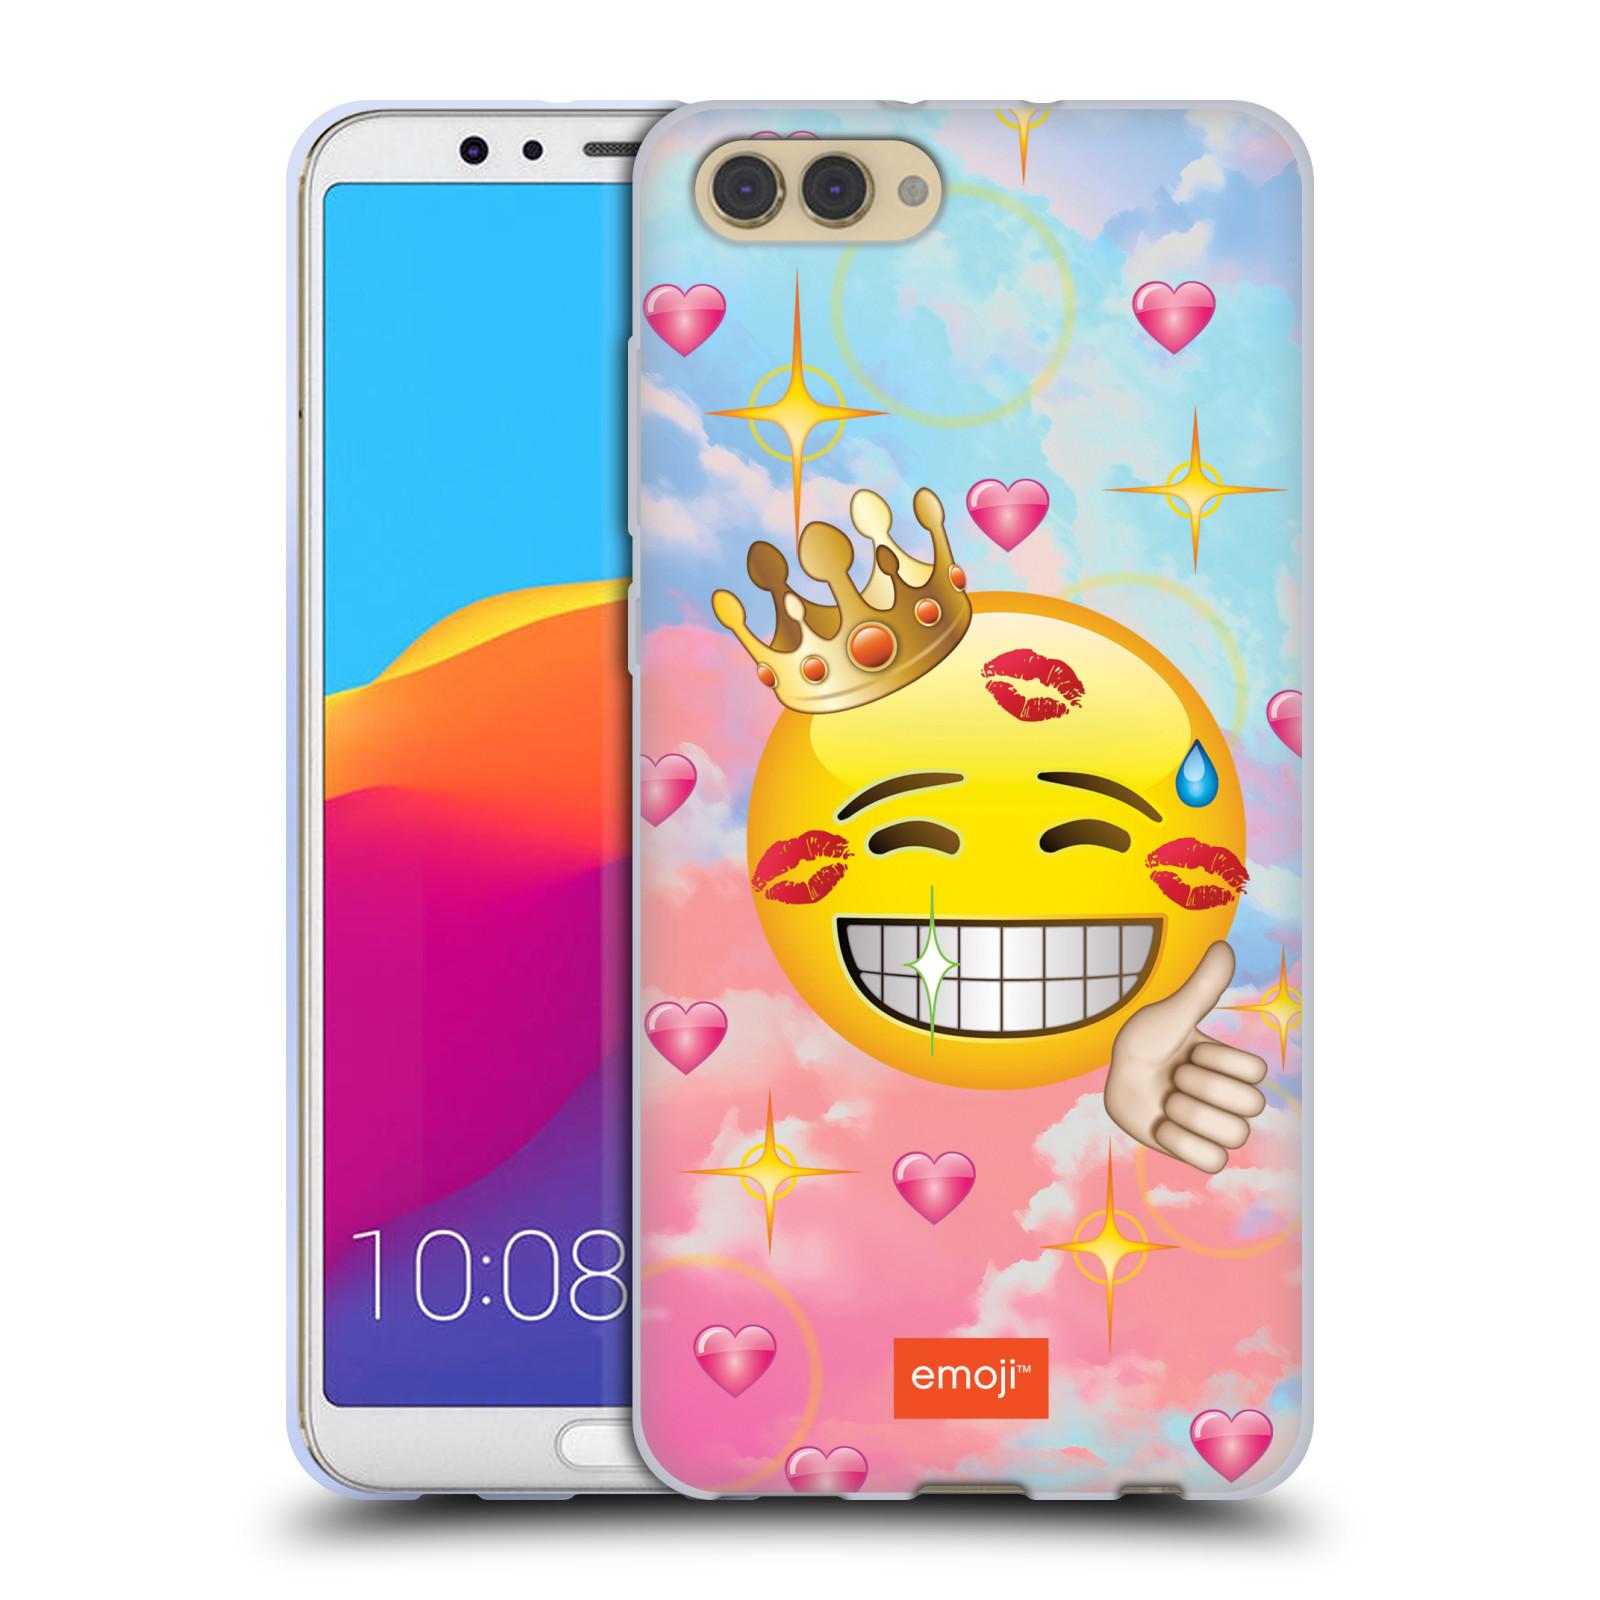 HEAD CASE silikonový obal na mobil Huawei HONOR VIEW 10 / V10 smajlík oficiální kryt EMOJI velký smajlík polibky a koruna